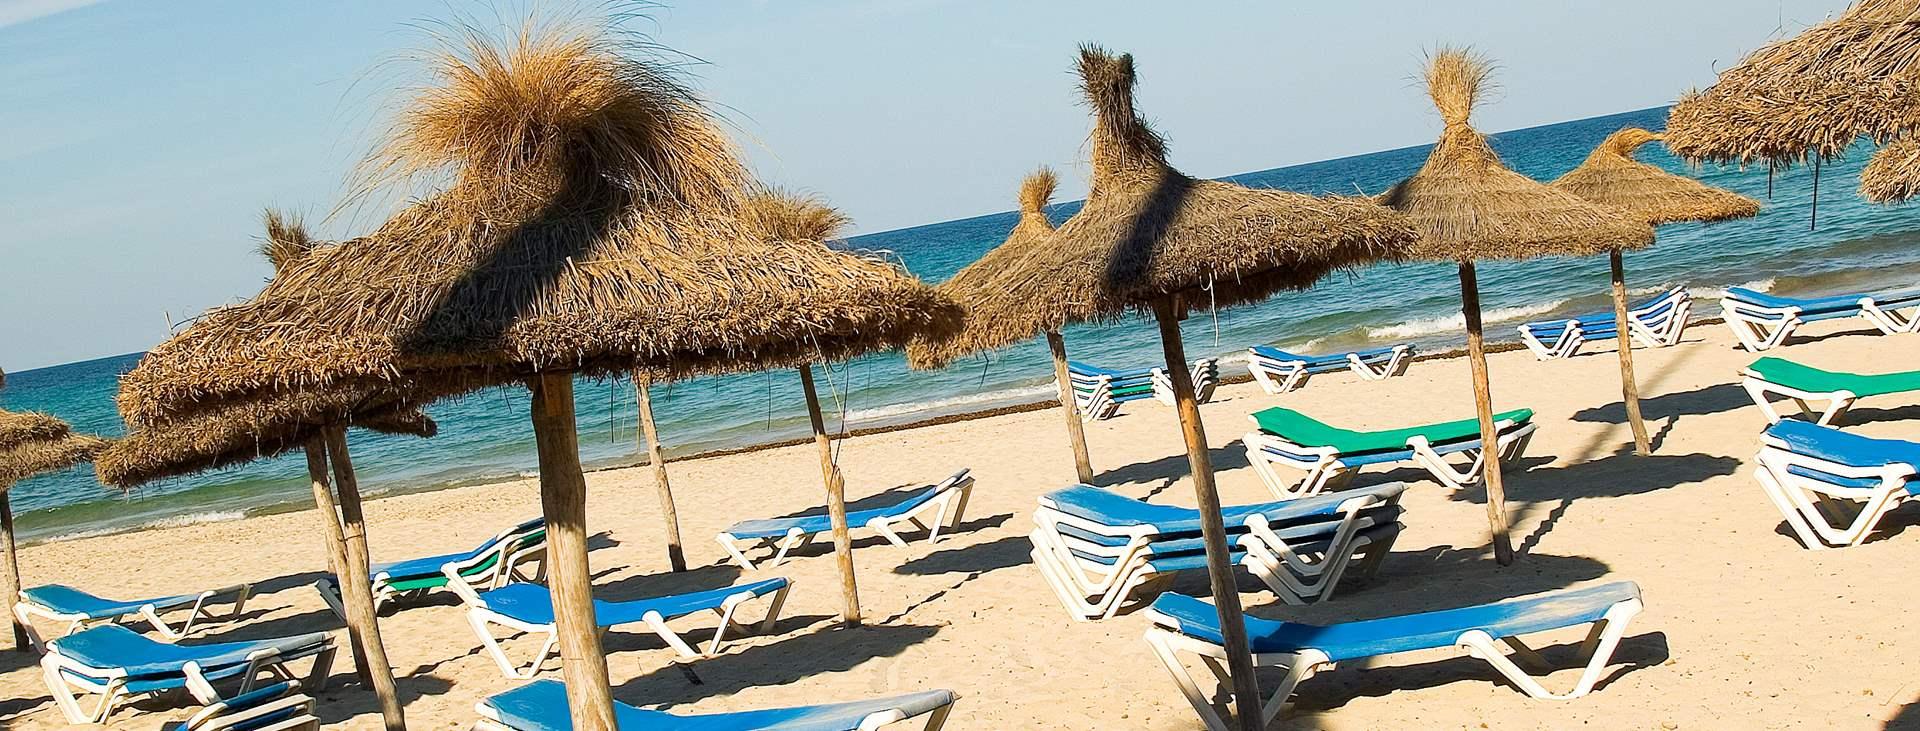 Bestill en reise til Cala Millor på Mallorca med Ving